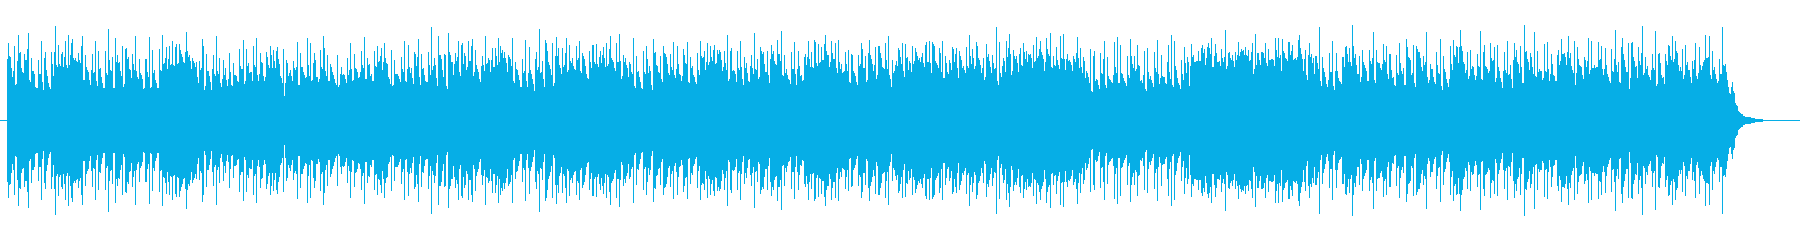 マイナーで宇宙空間なシンセBGMサウンドの再生済みの波形